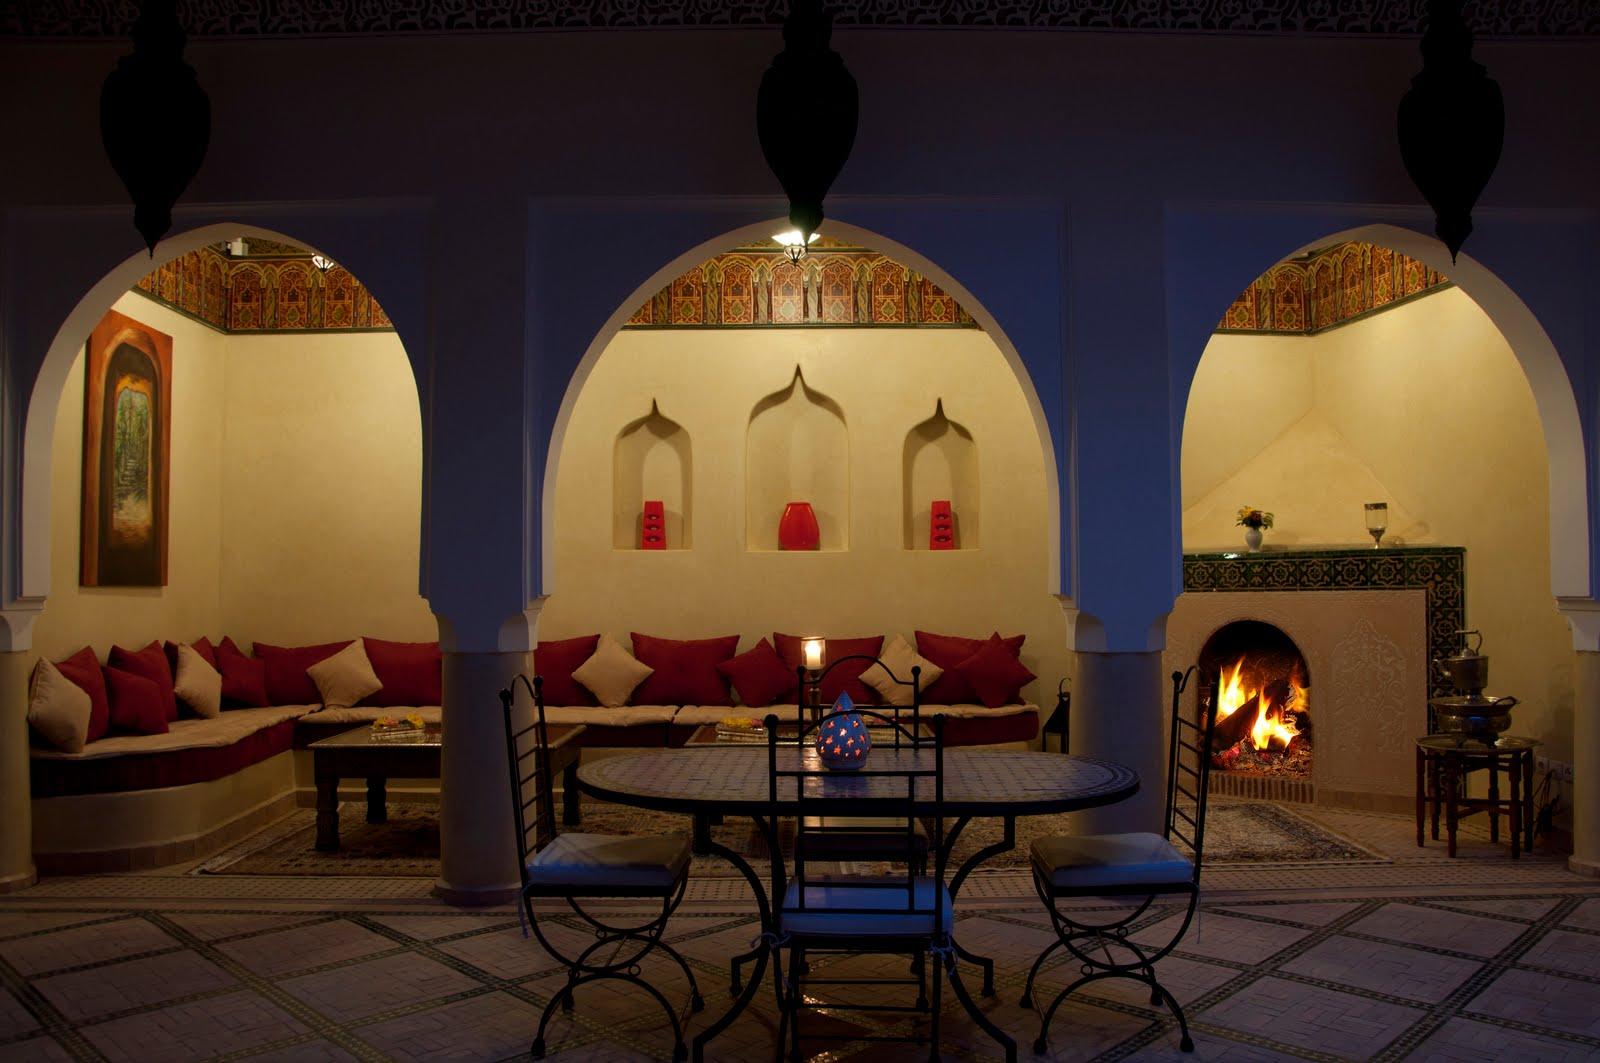 séjour à Marrakech au Riad Granvilier